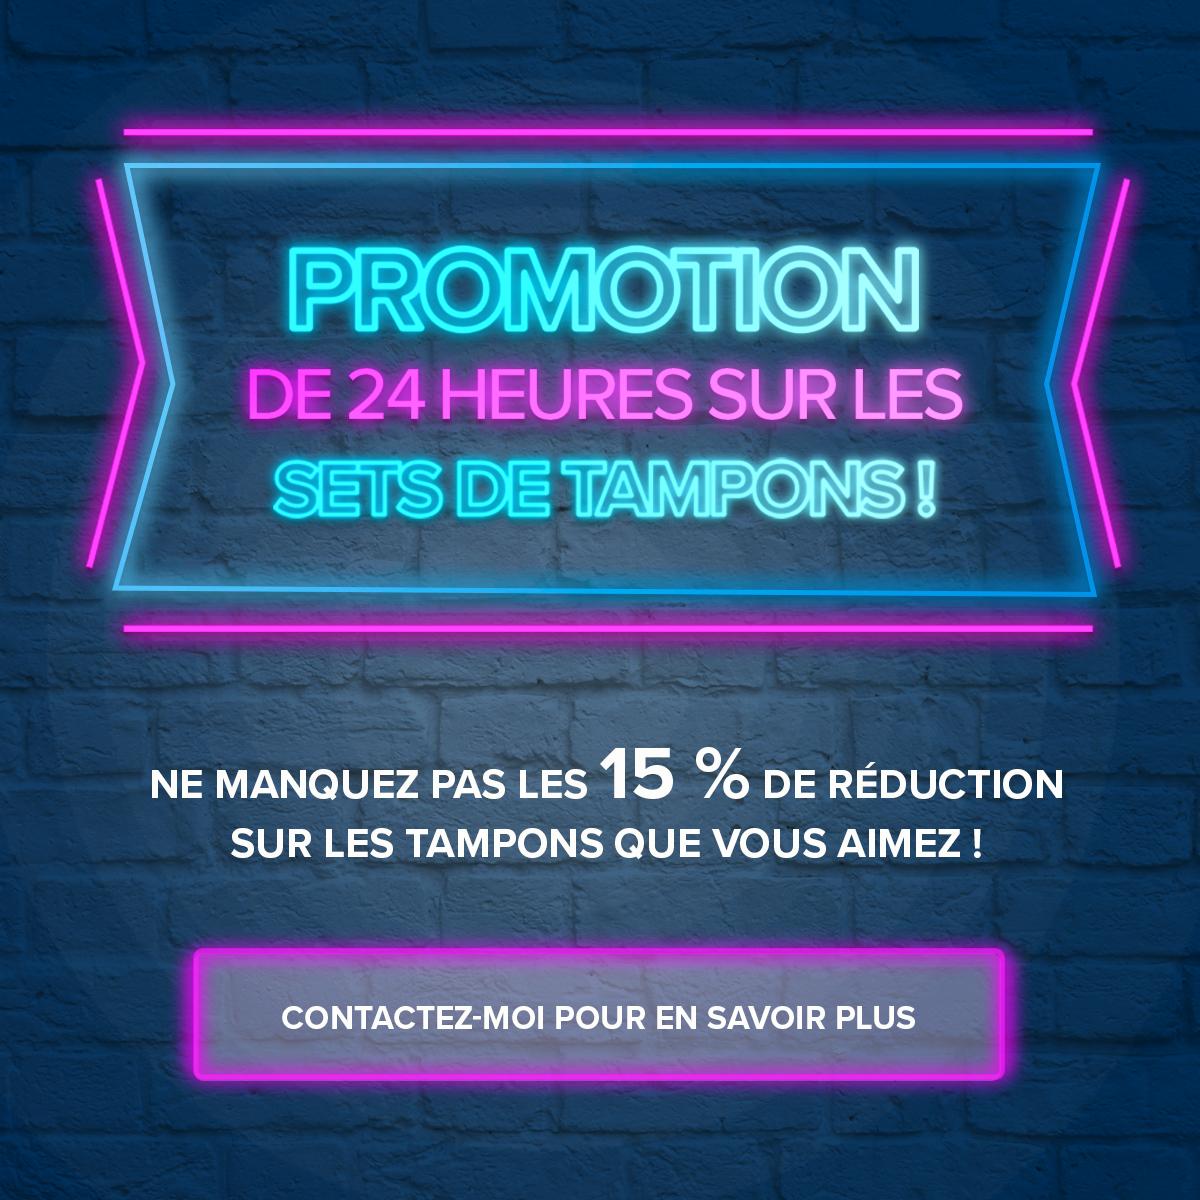 Promotion de 24 heures sur les sets de tampons !